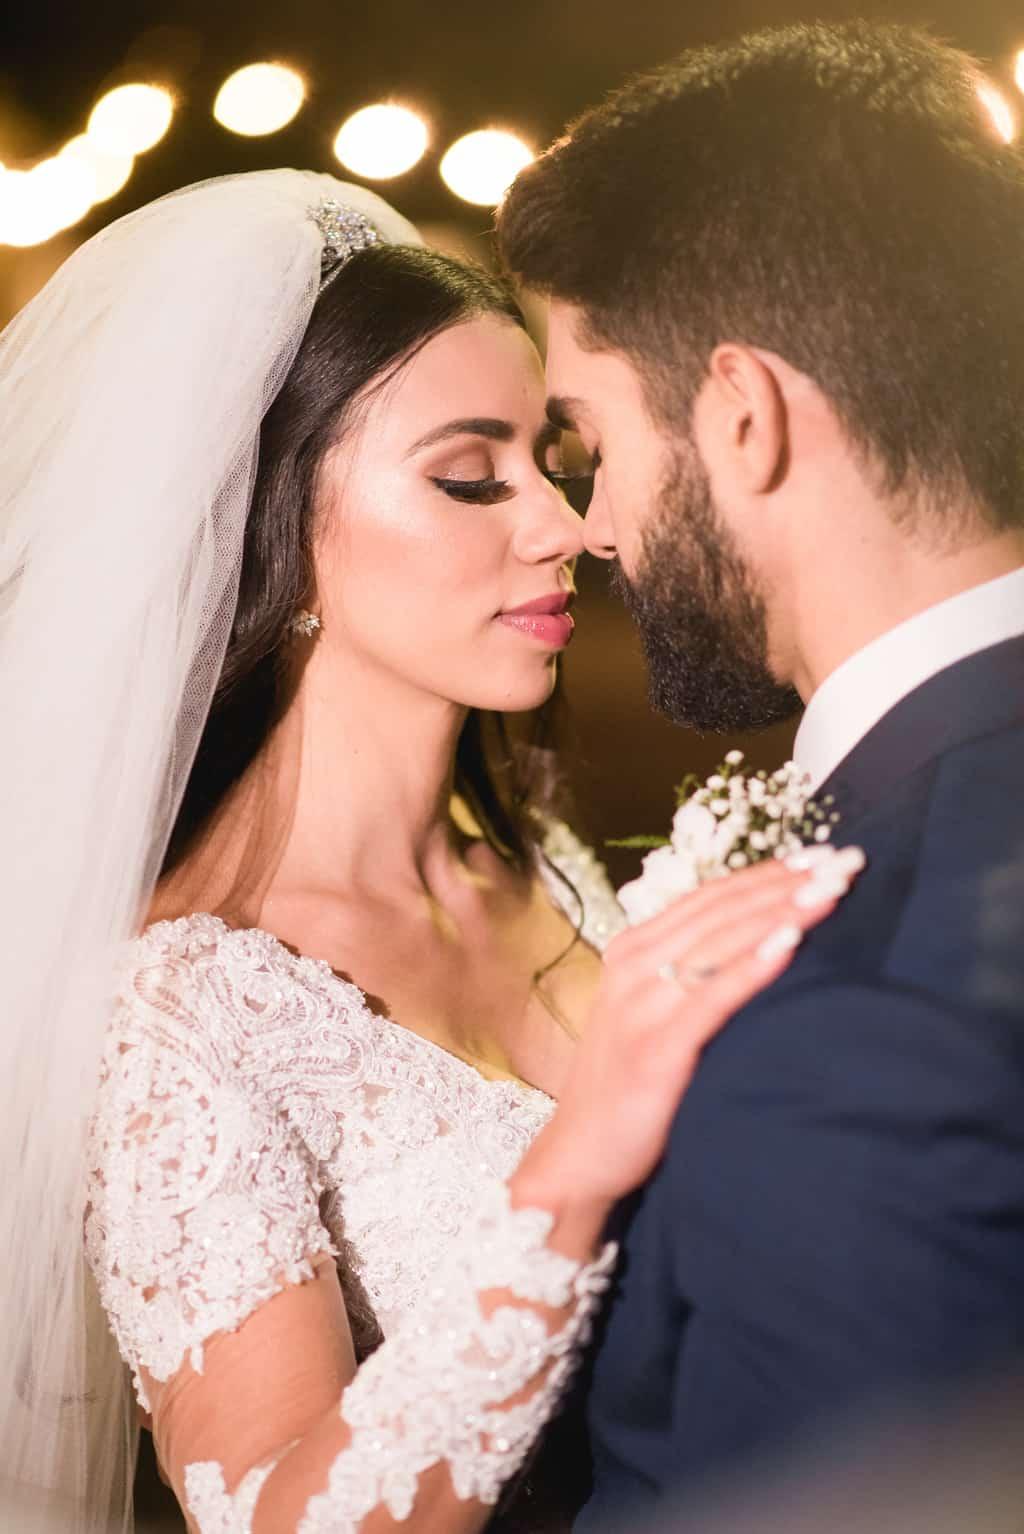 casamento-clássicocasamento-tradicional-casamento-stephanie-e-daniel-Fotografia-V-Rebel-81